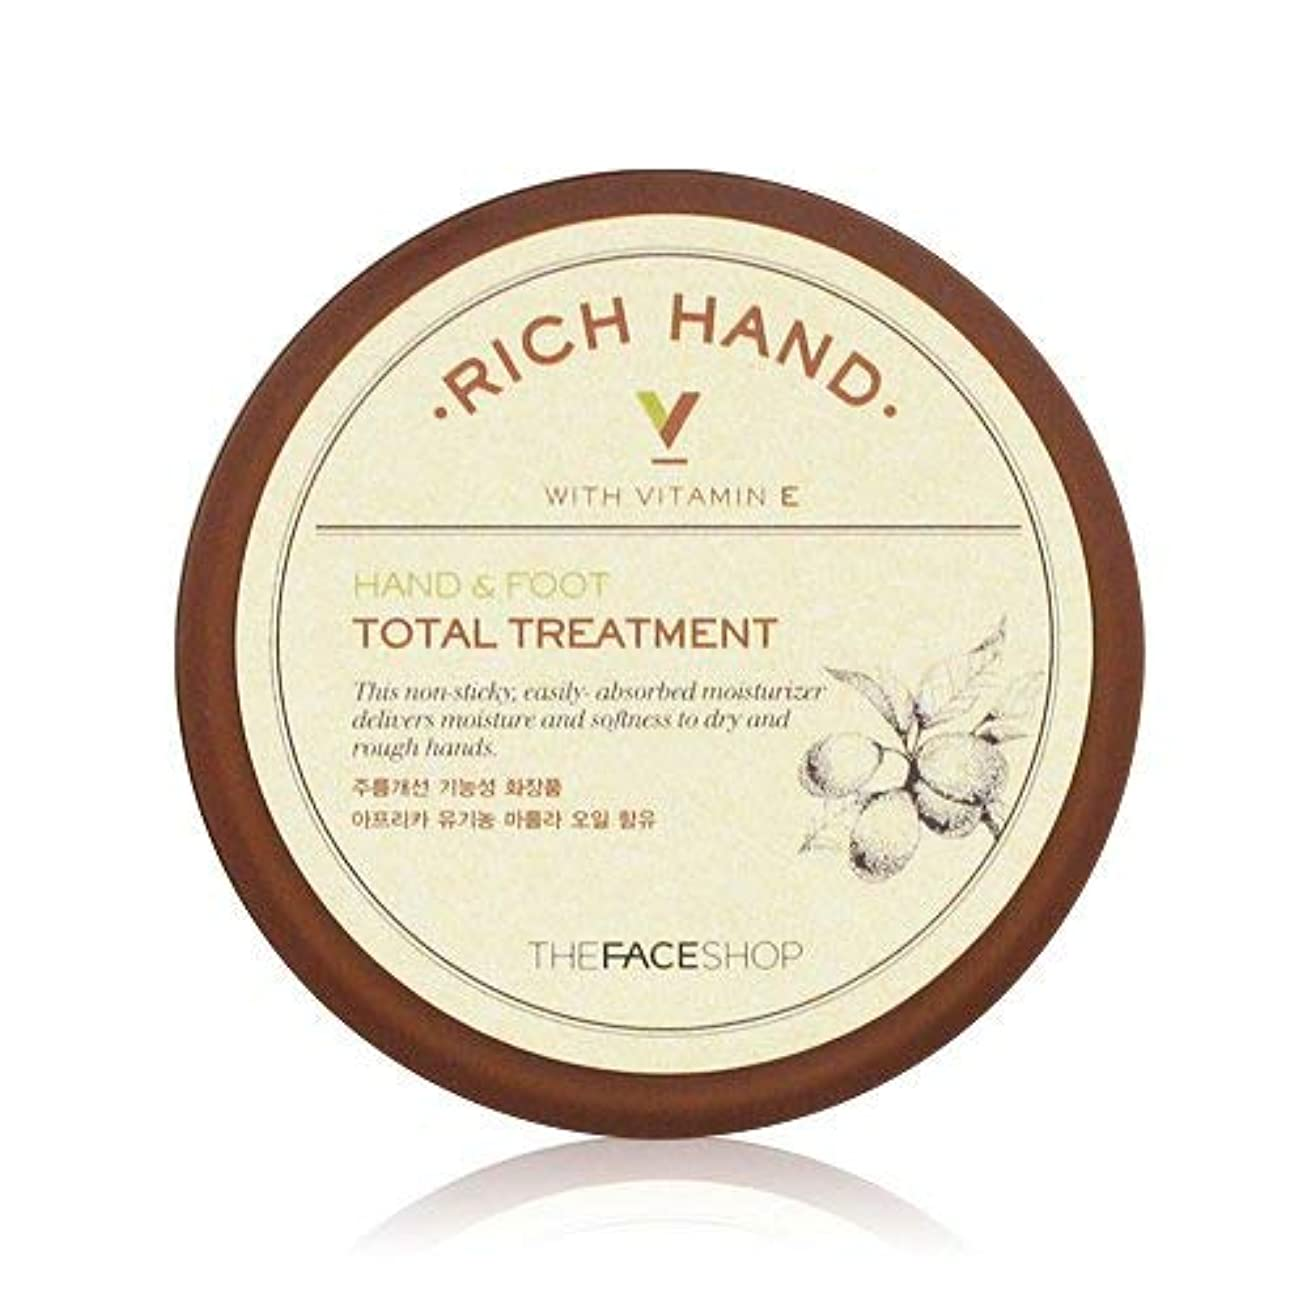 コレクション闇効率THE FACE SHOP Rich Hand V Hand and Foot Total Treatment ザフェイスショップ リッチハンド V ハンド? フット トータルトリートメント [並行輸入品]